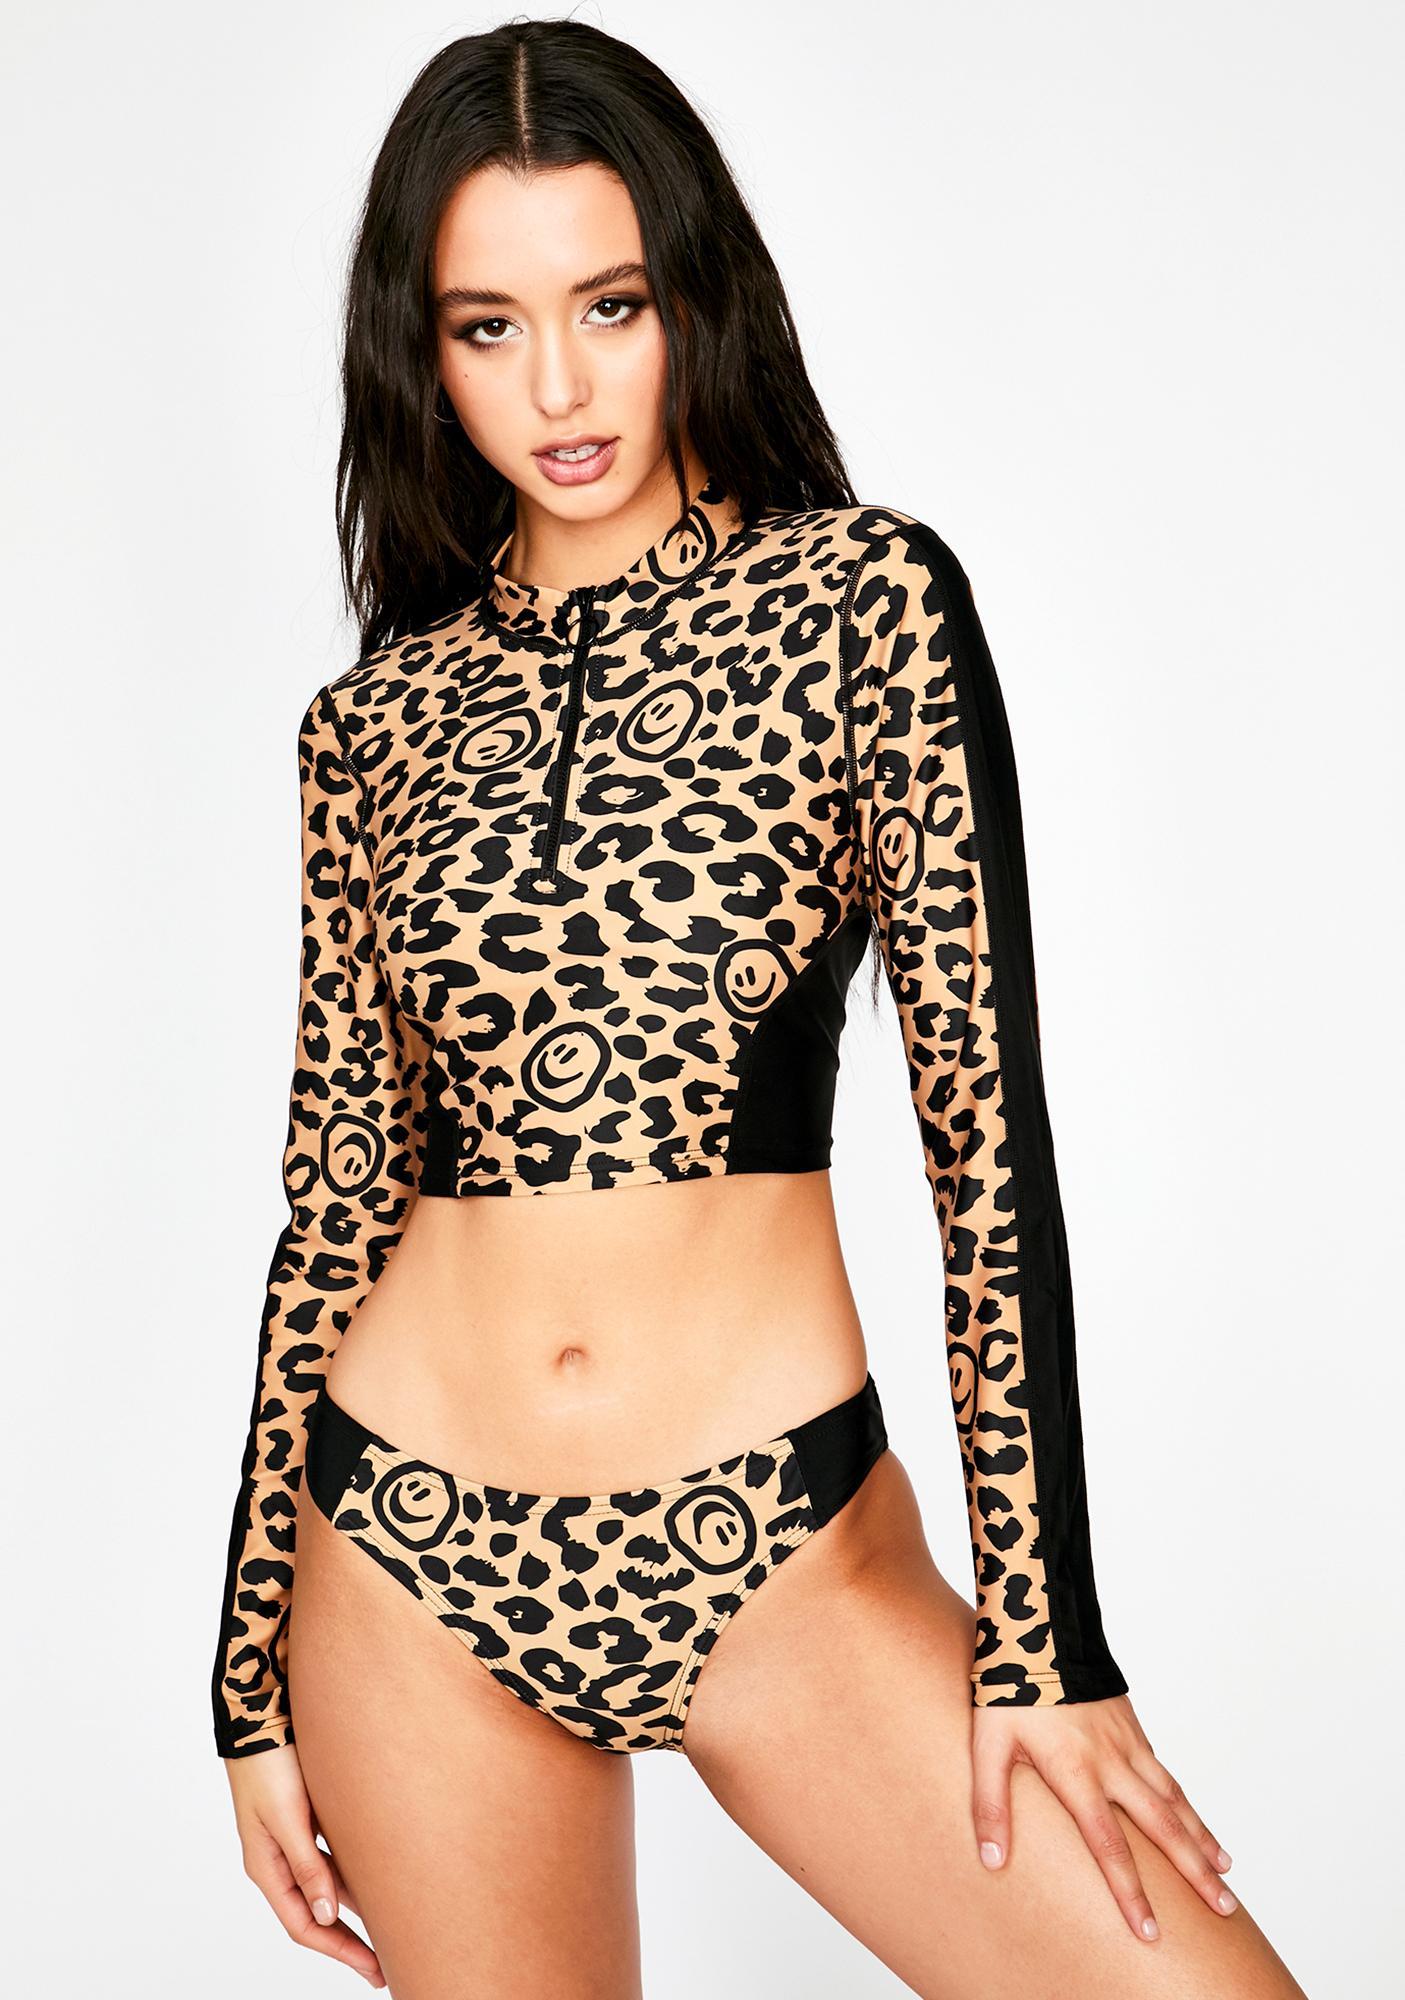 Lazy Oaf Leopard Rash Guard Bikini Top